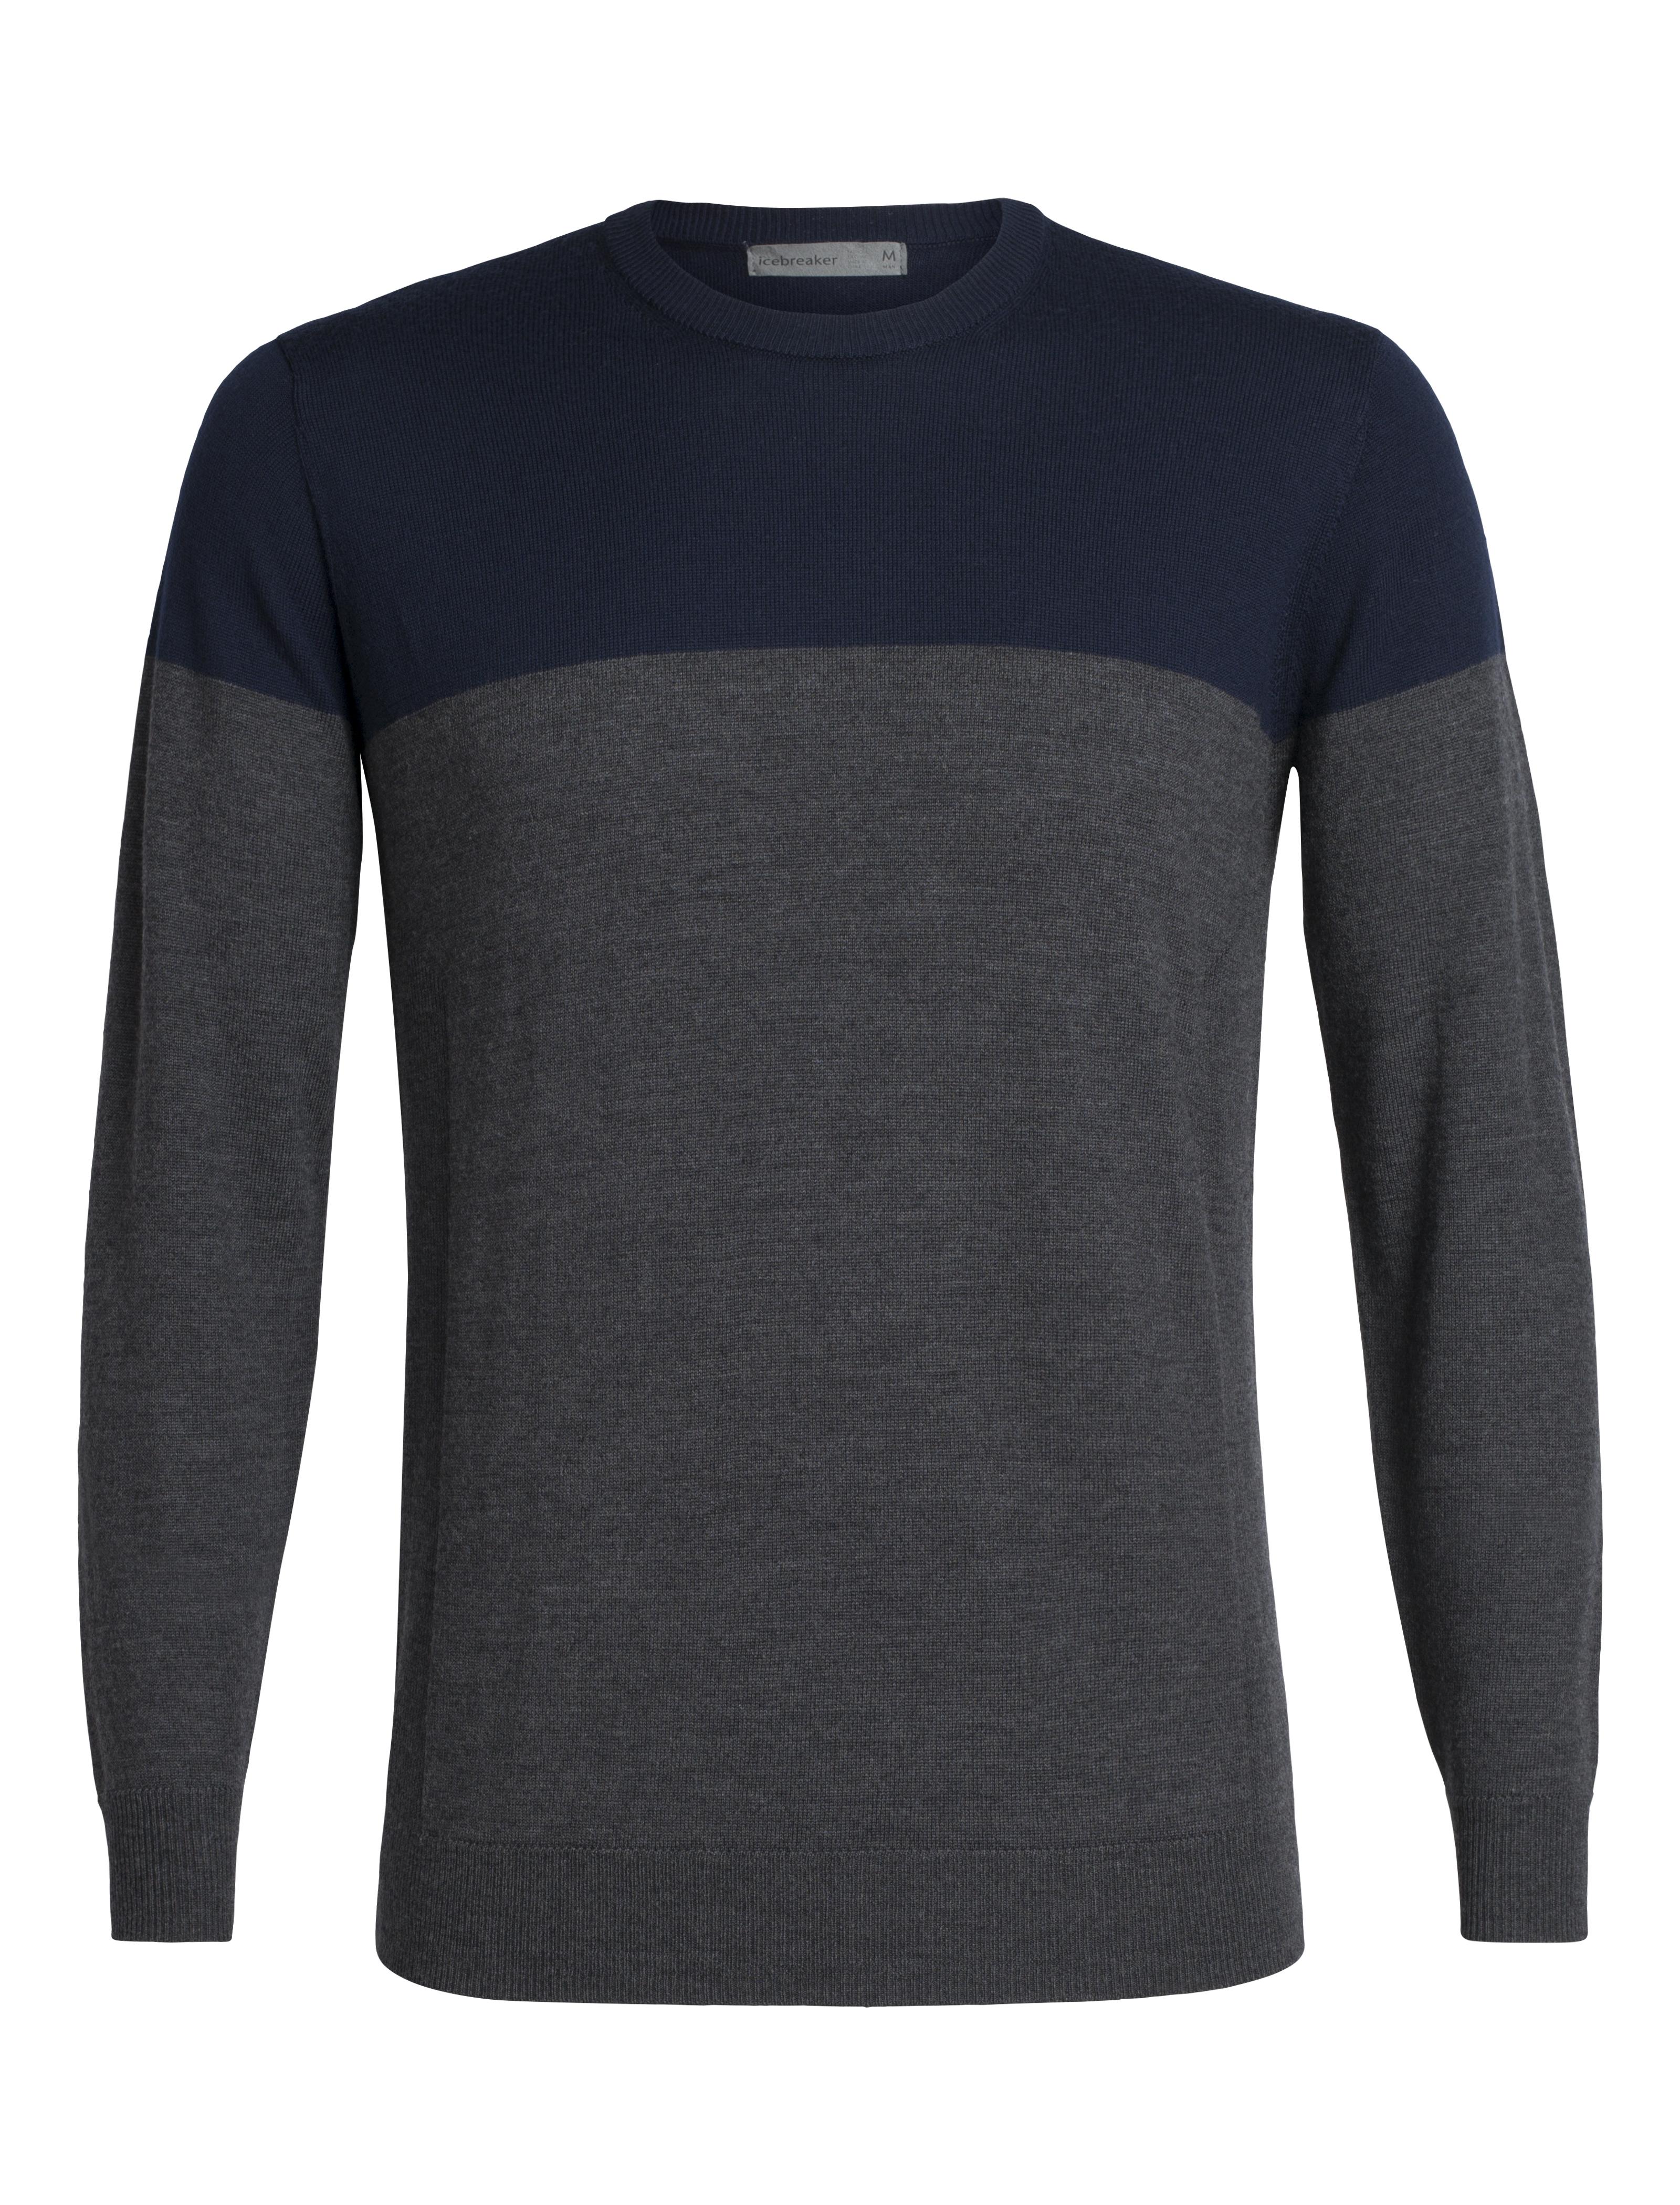 Welchen Fußabdruck hat dein Pullover? #movetonatural